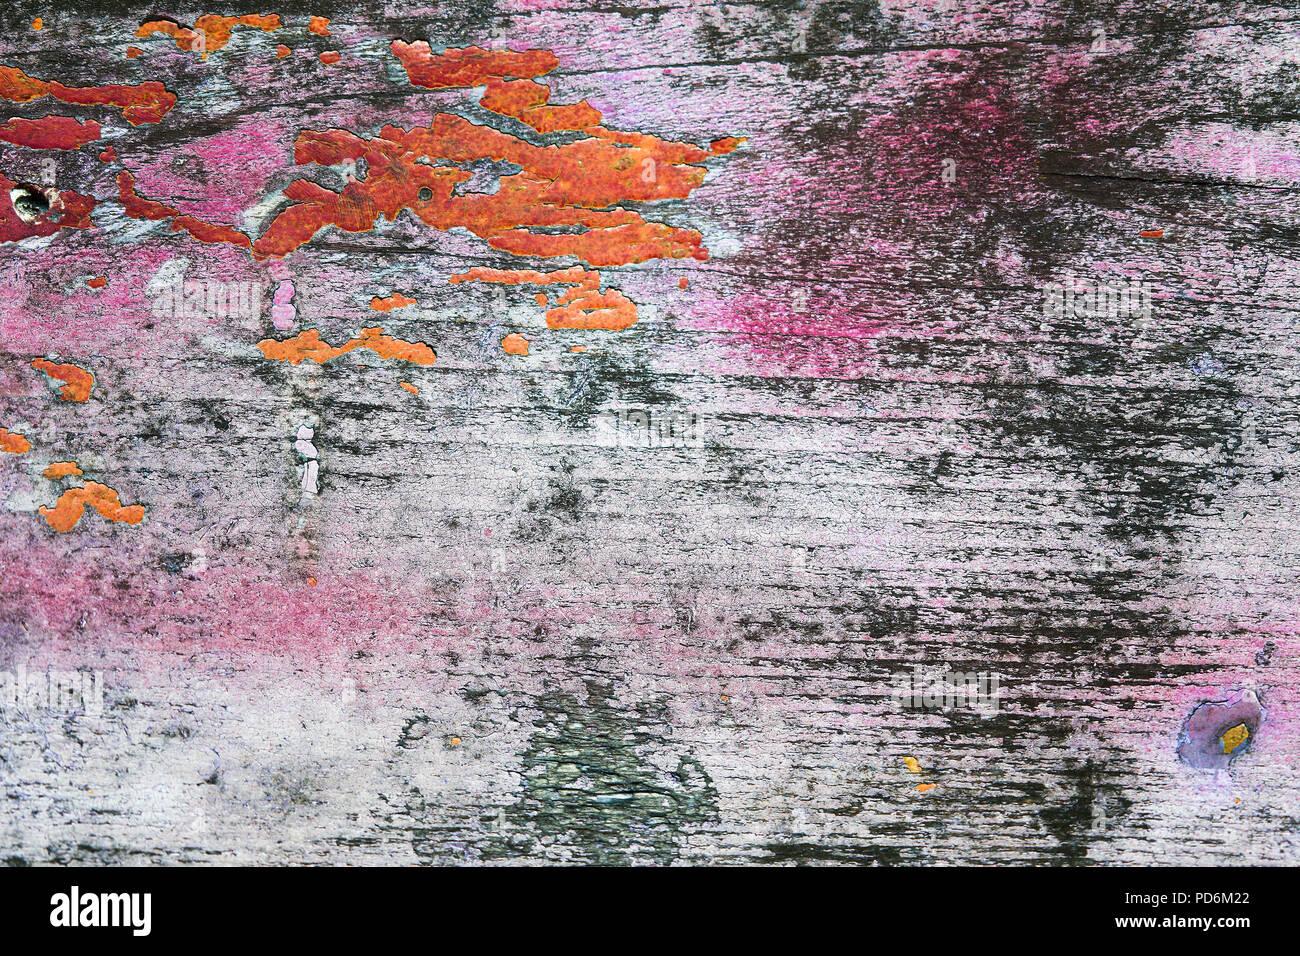 Colori Vernici Legno : Texture in legno con colore verniciatura spellato. sfald vernice